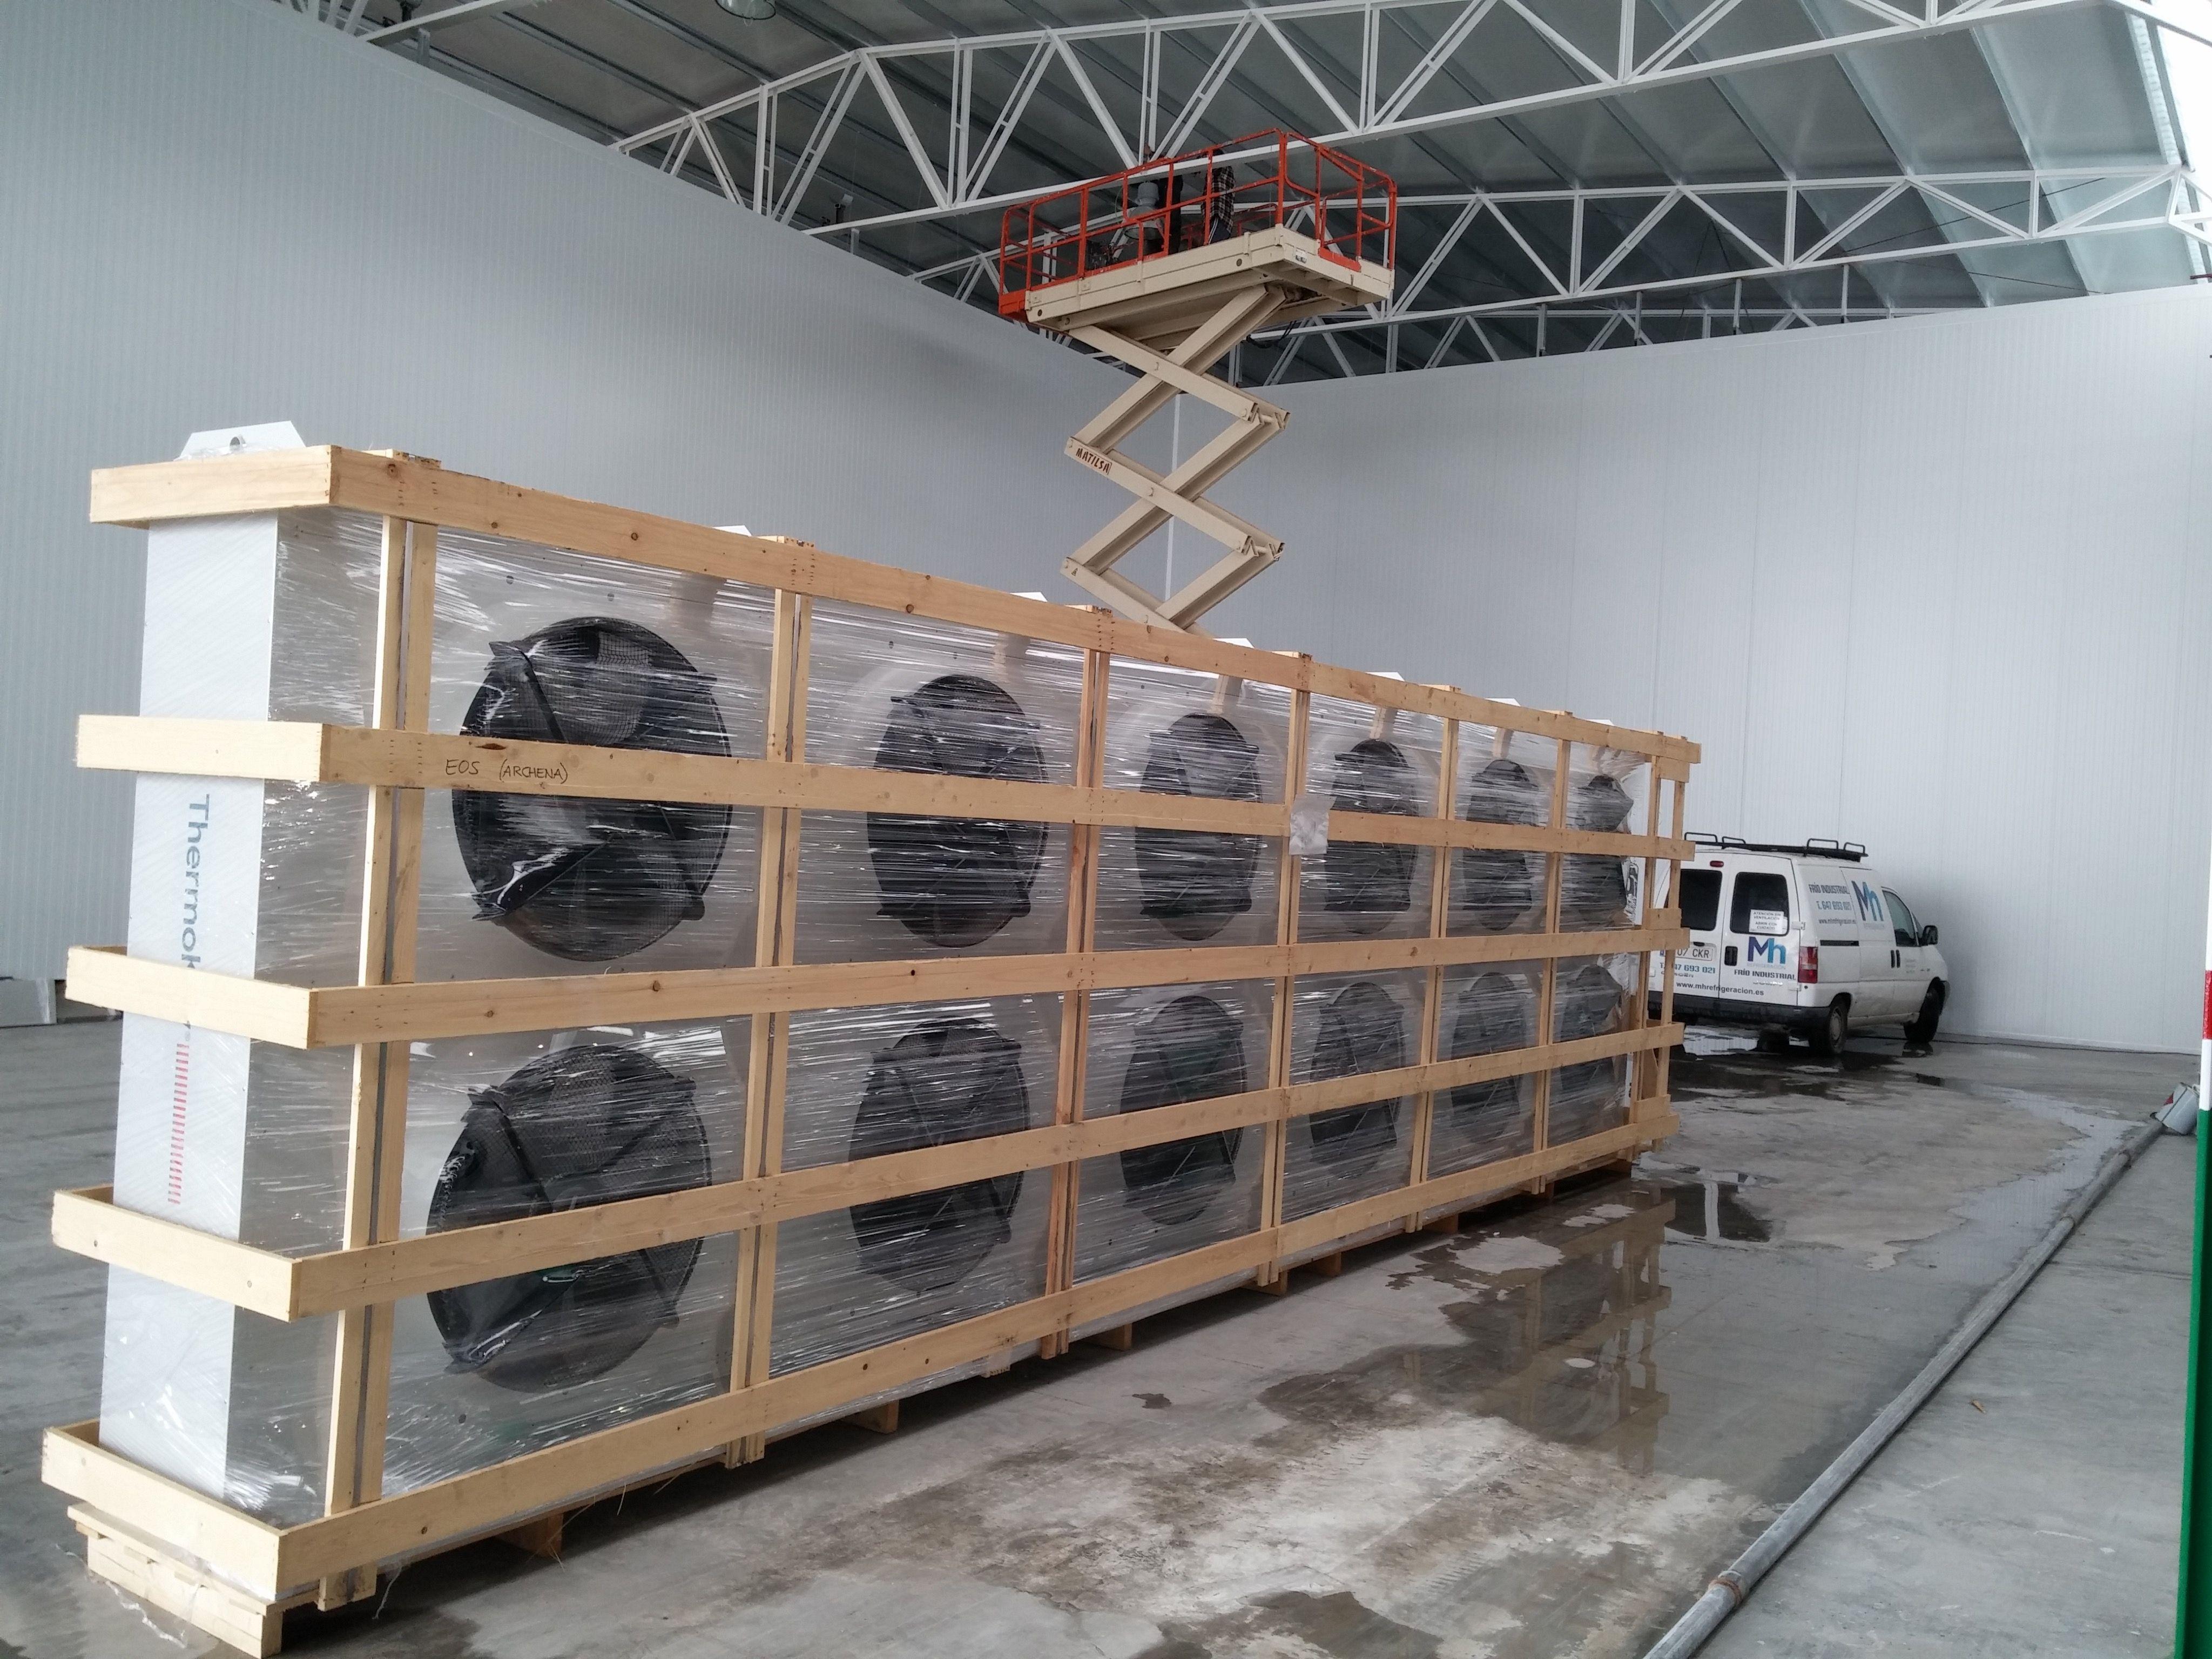 Proveedores: Productos y servicios de MH Refrigeración